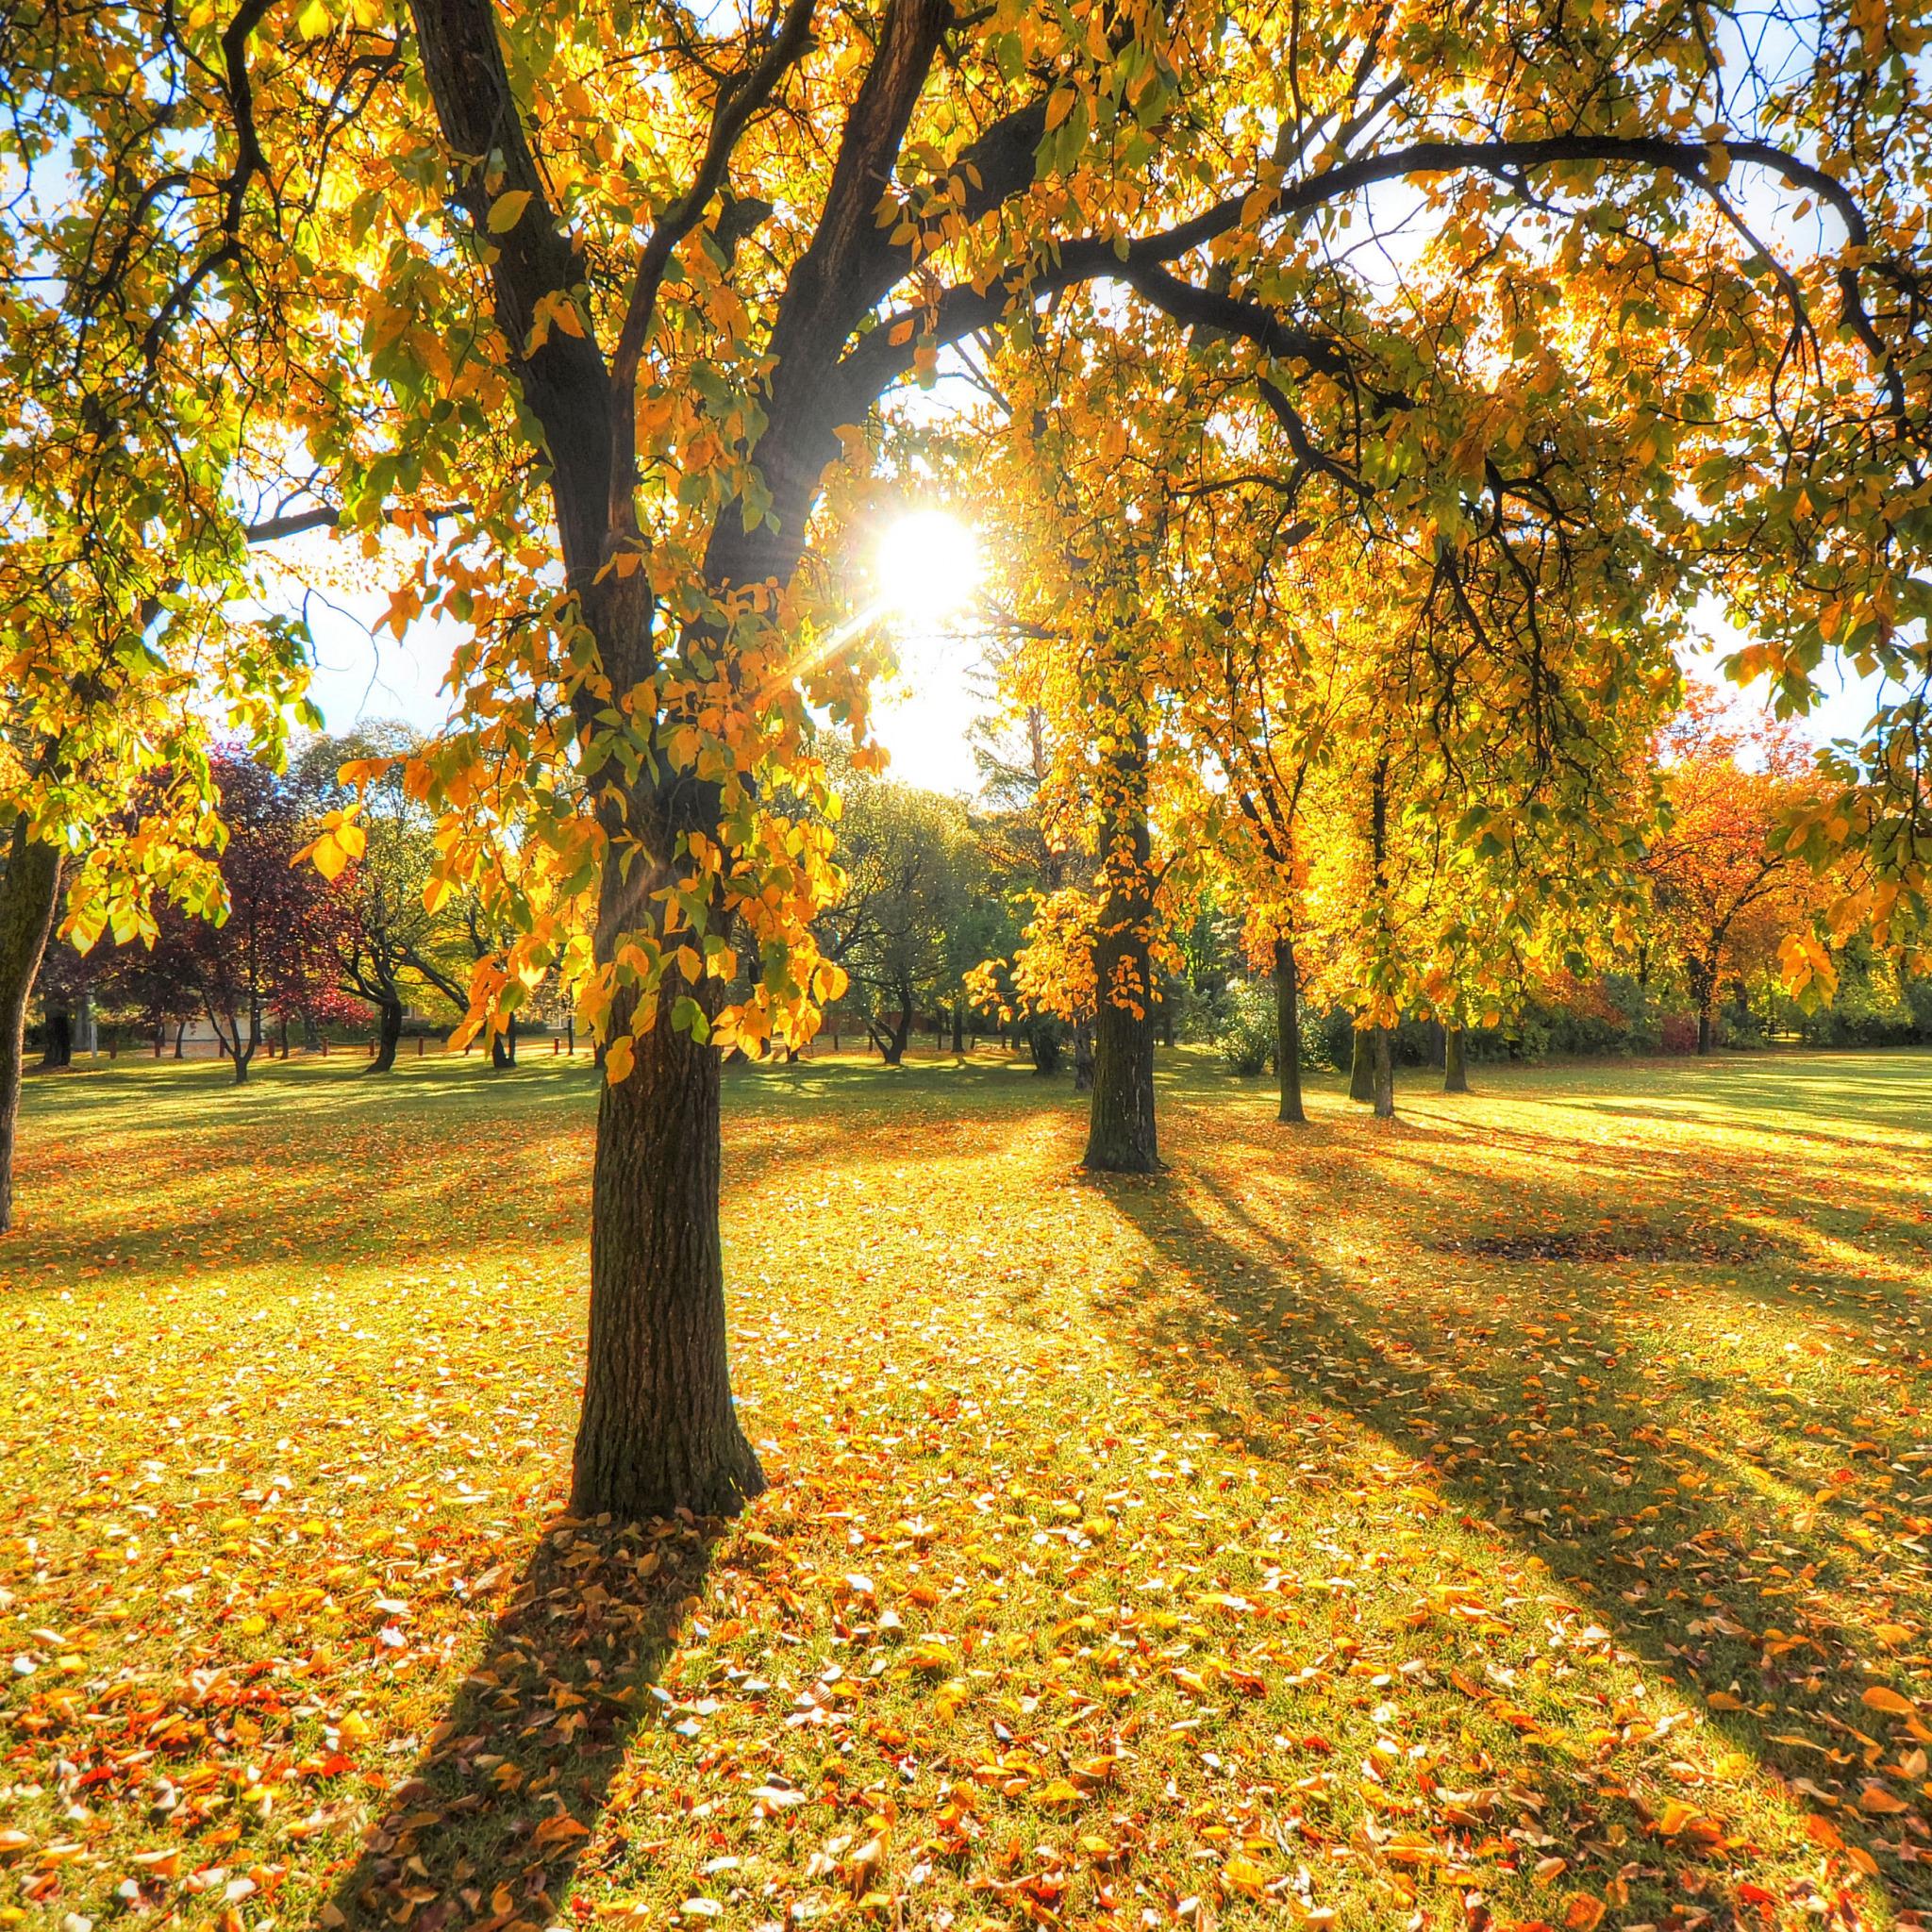 фото на айфон осень парк отцовской линии